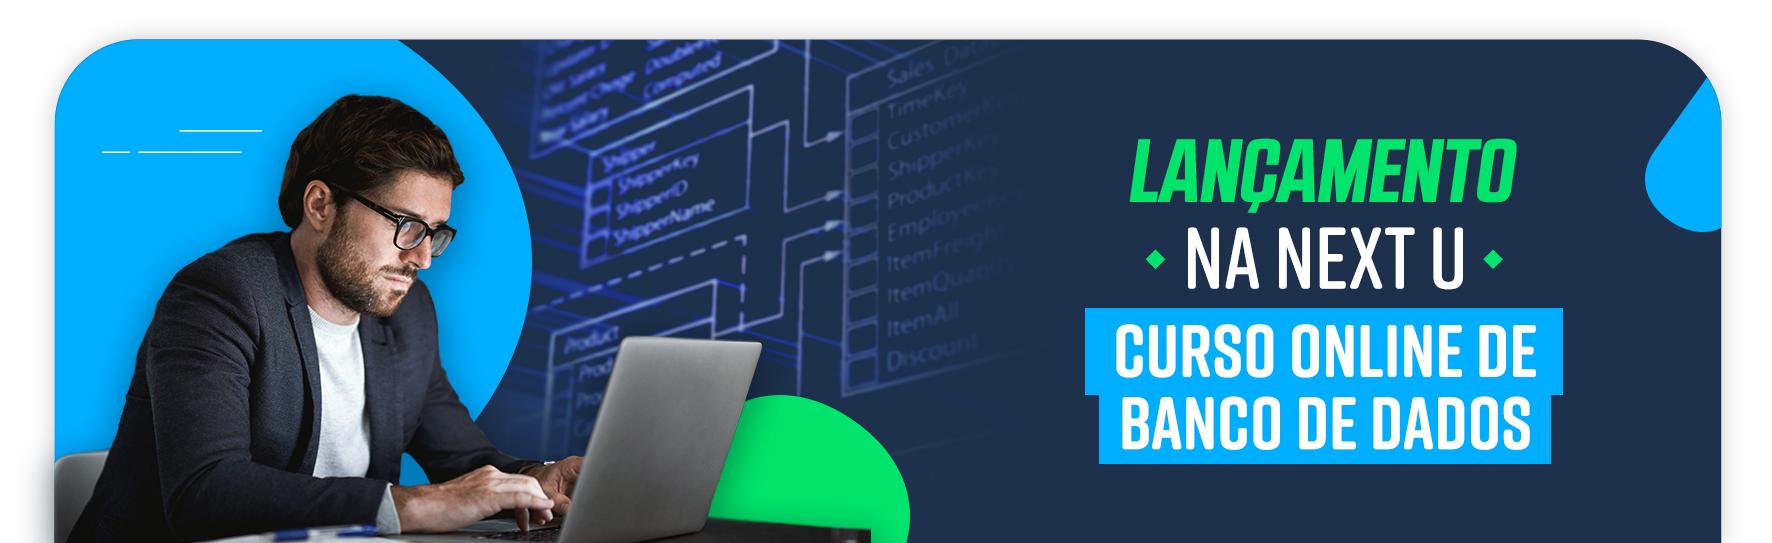 lancamento curso de banco de dados